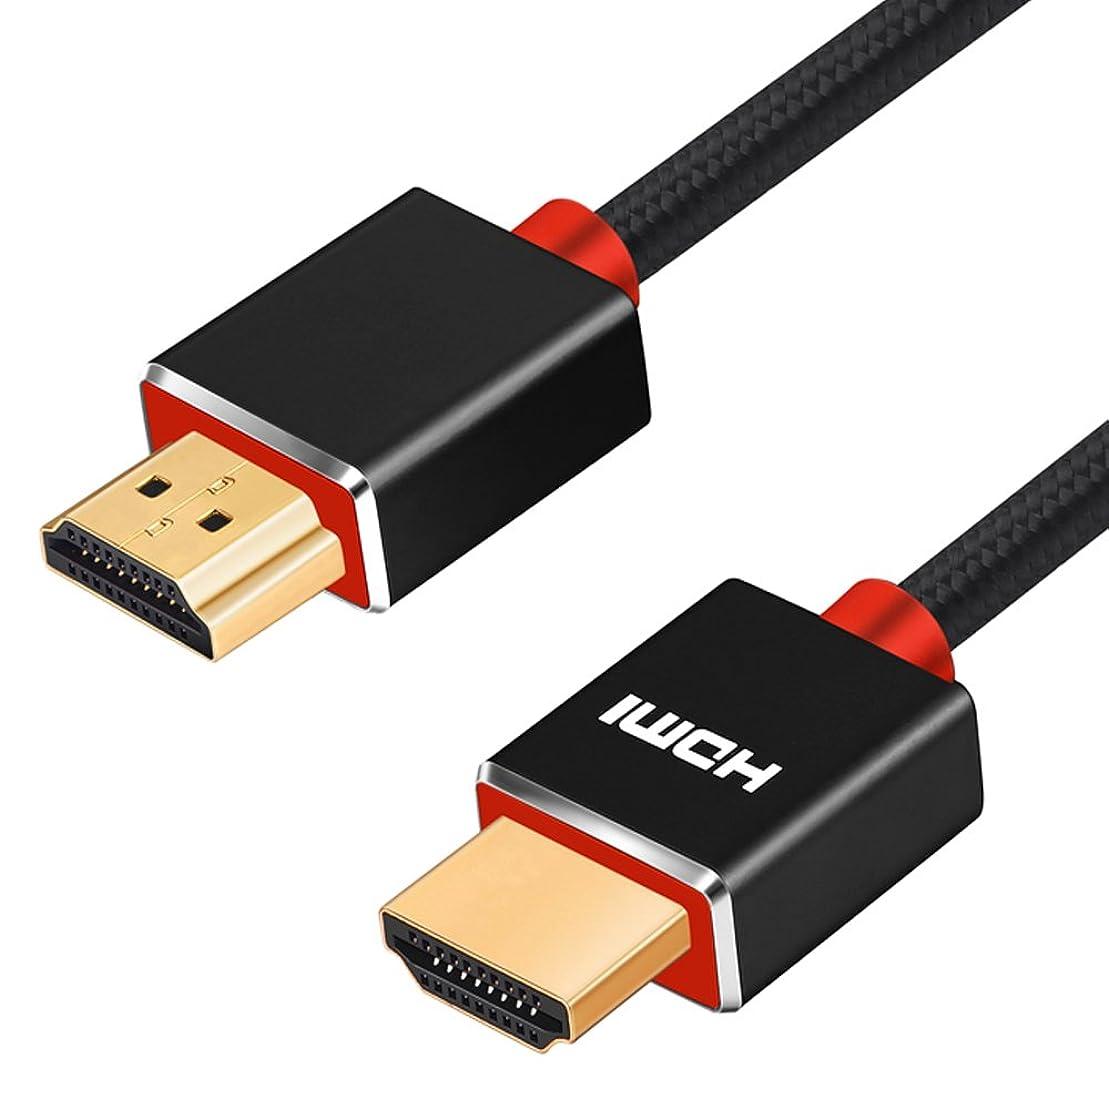 ラベル取得するフォージShuliancable HDMIリード線イーサネット付き高速HDMIケーブル1080p 3Dおよびオーディオリターンチャネルをサポート1m 2m 3m 5m 10m(1m、黒)